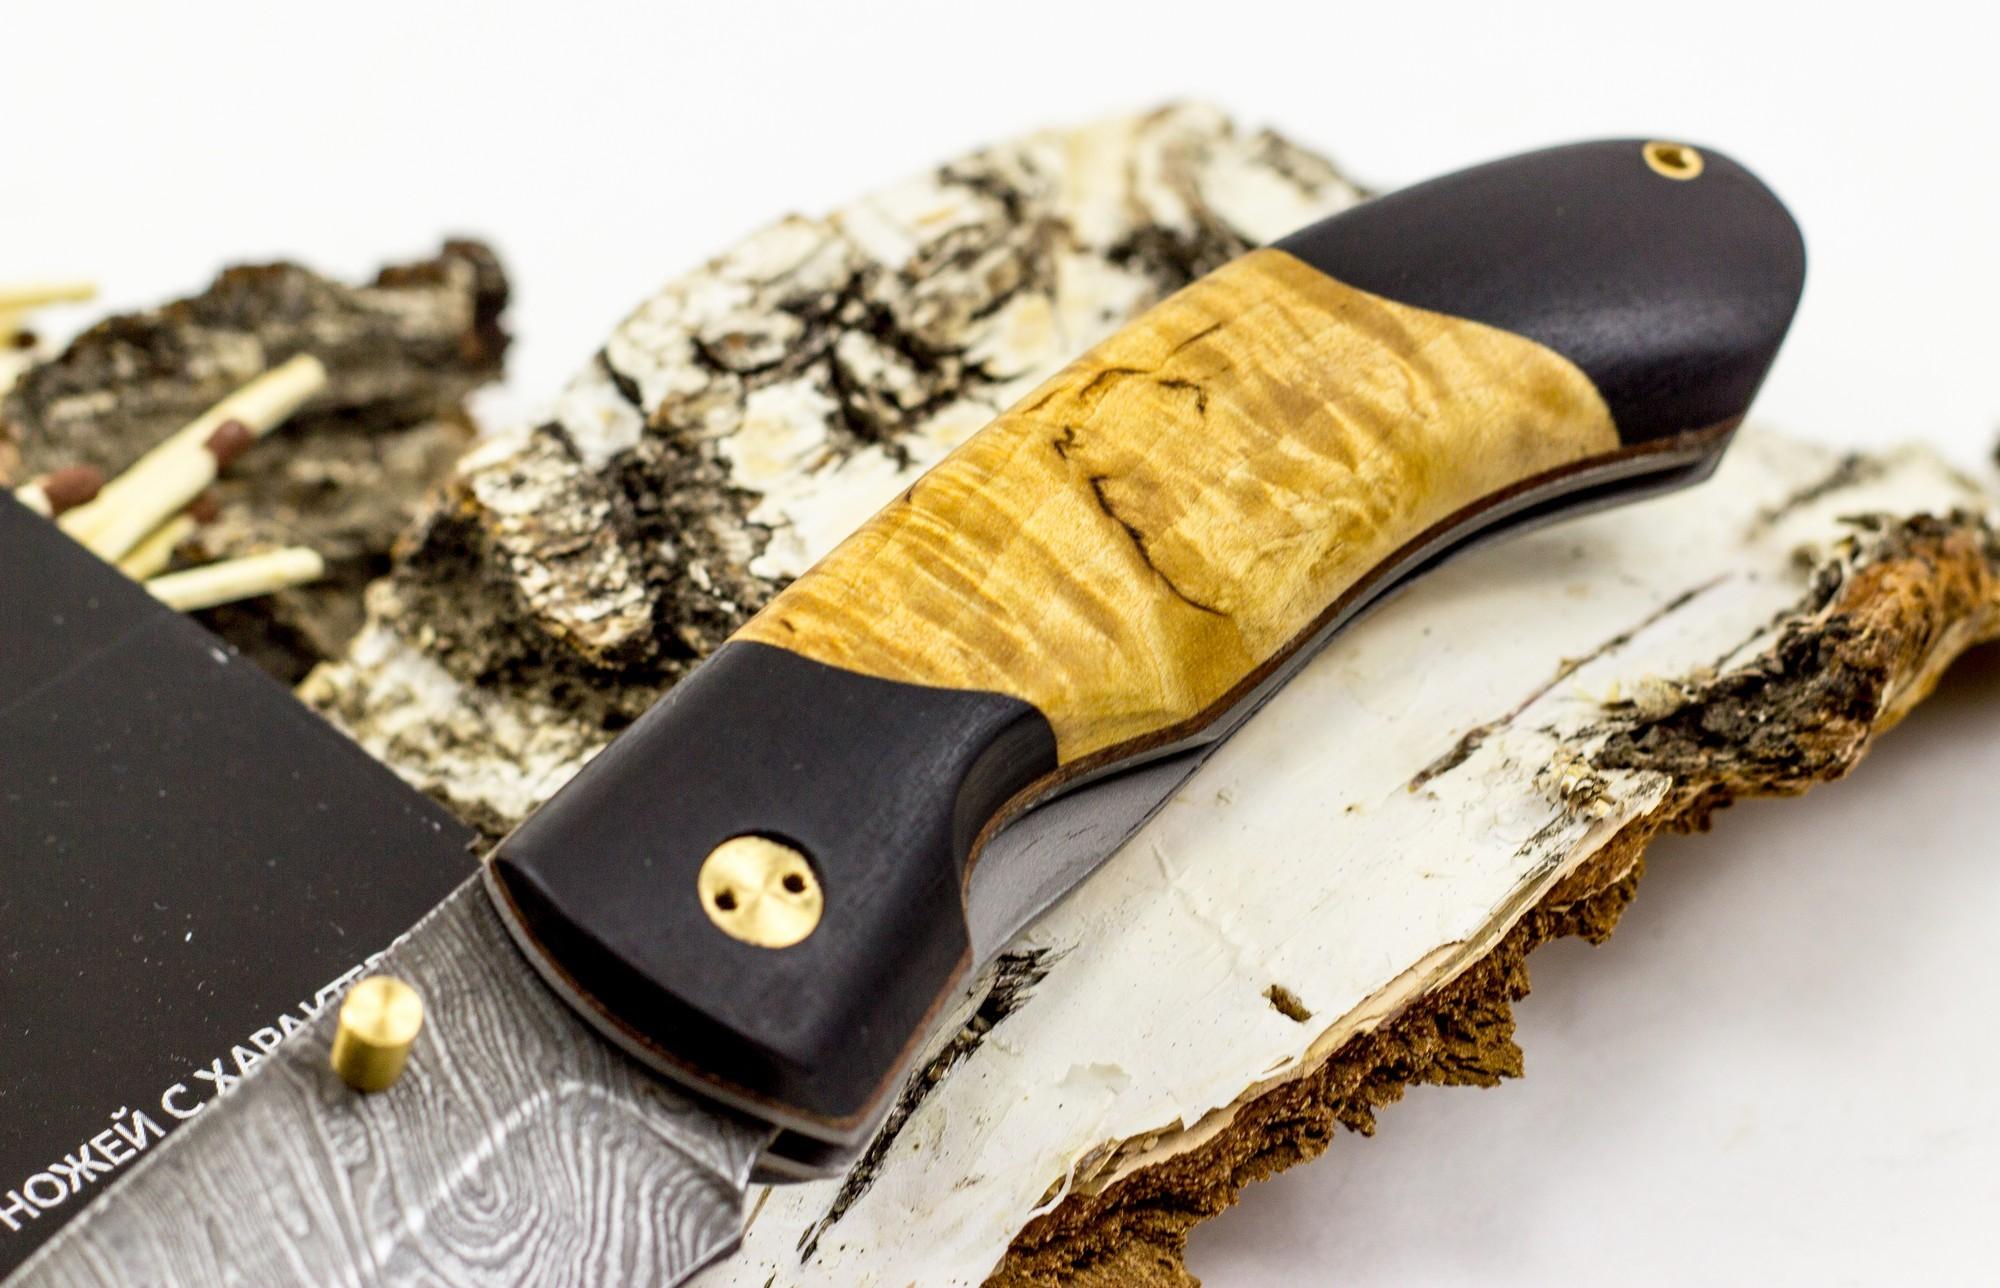 Фото 7 - Нож складной Егерьский-2, дамаск, карельская береза от Марычев